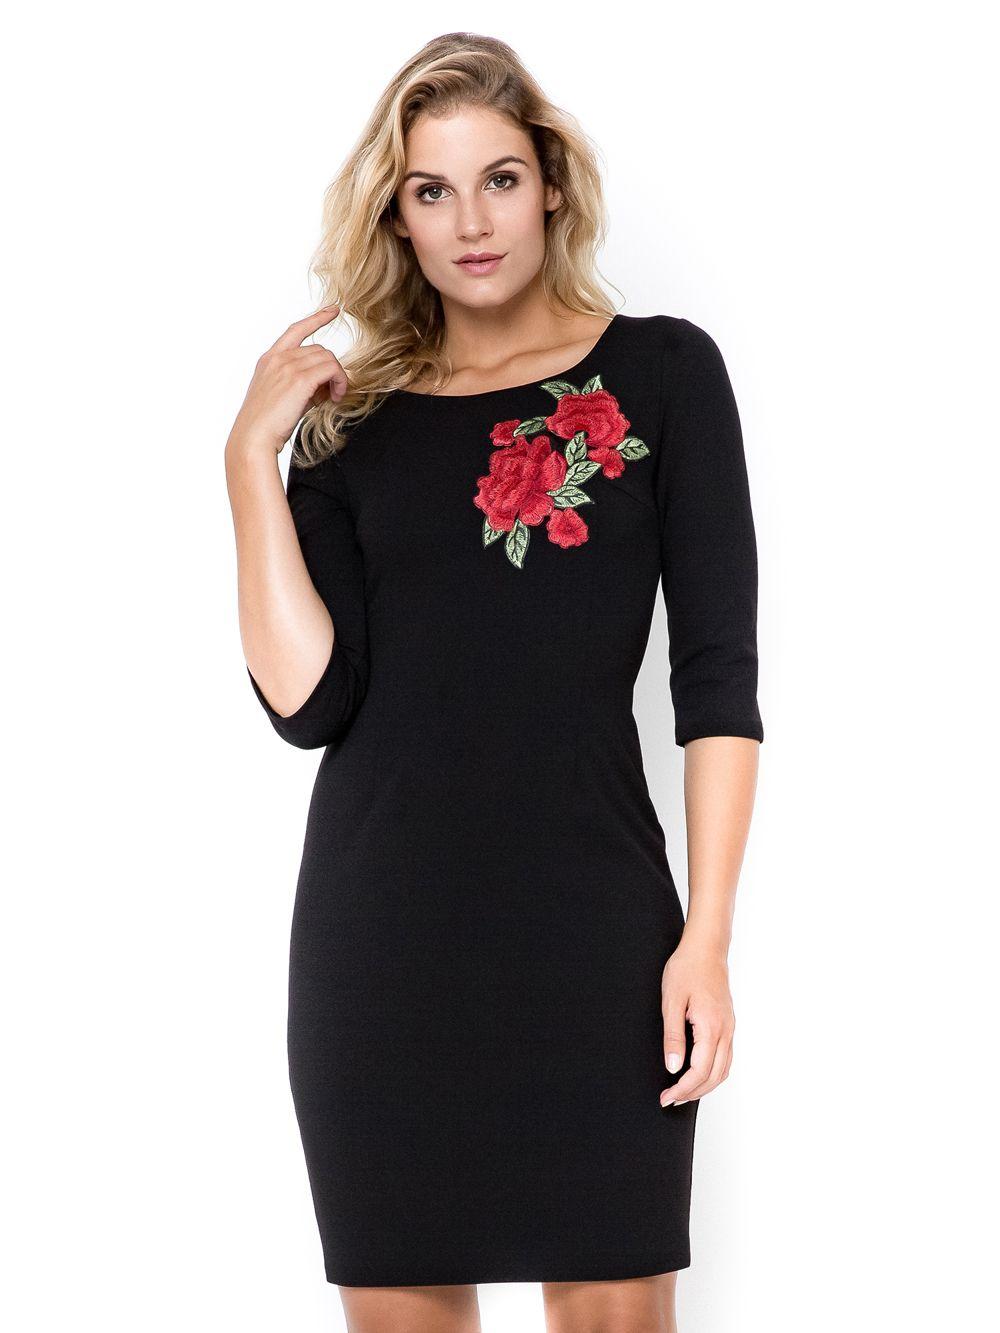 Sukienka Plus Size 40 54 Sasha Xxl Z Haftem Kwiaty Czarna Dresses Fashion Cold Shoulder Dress